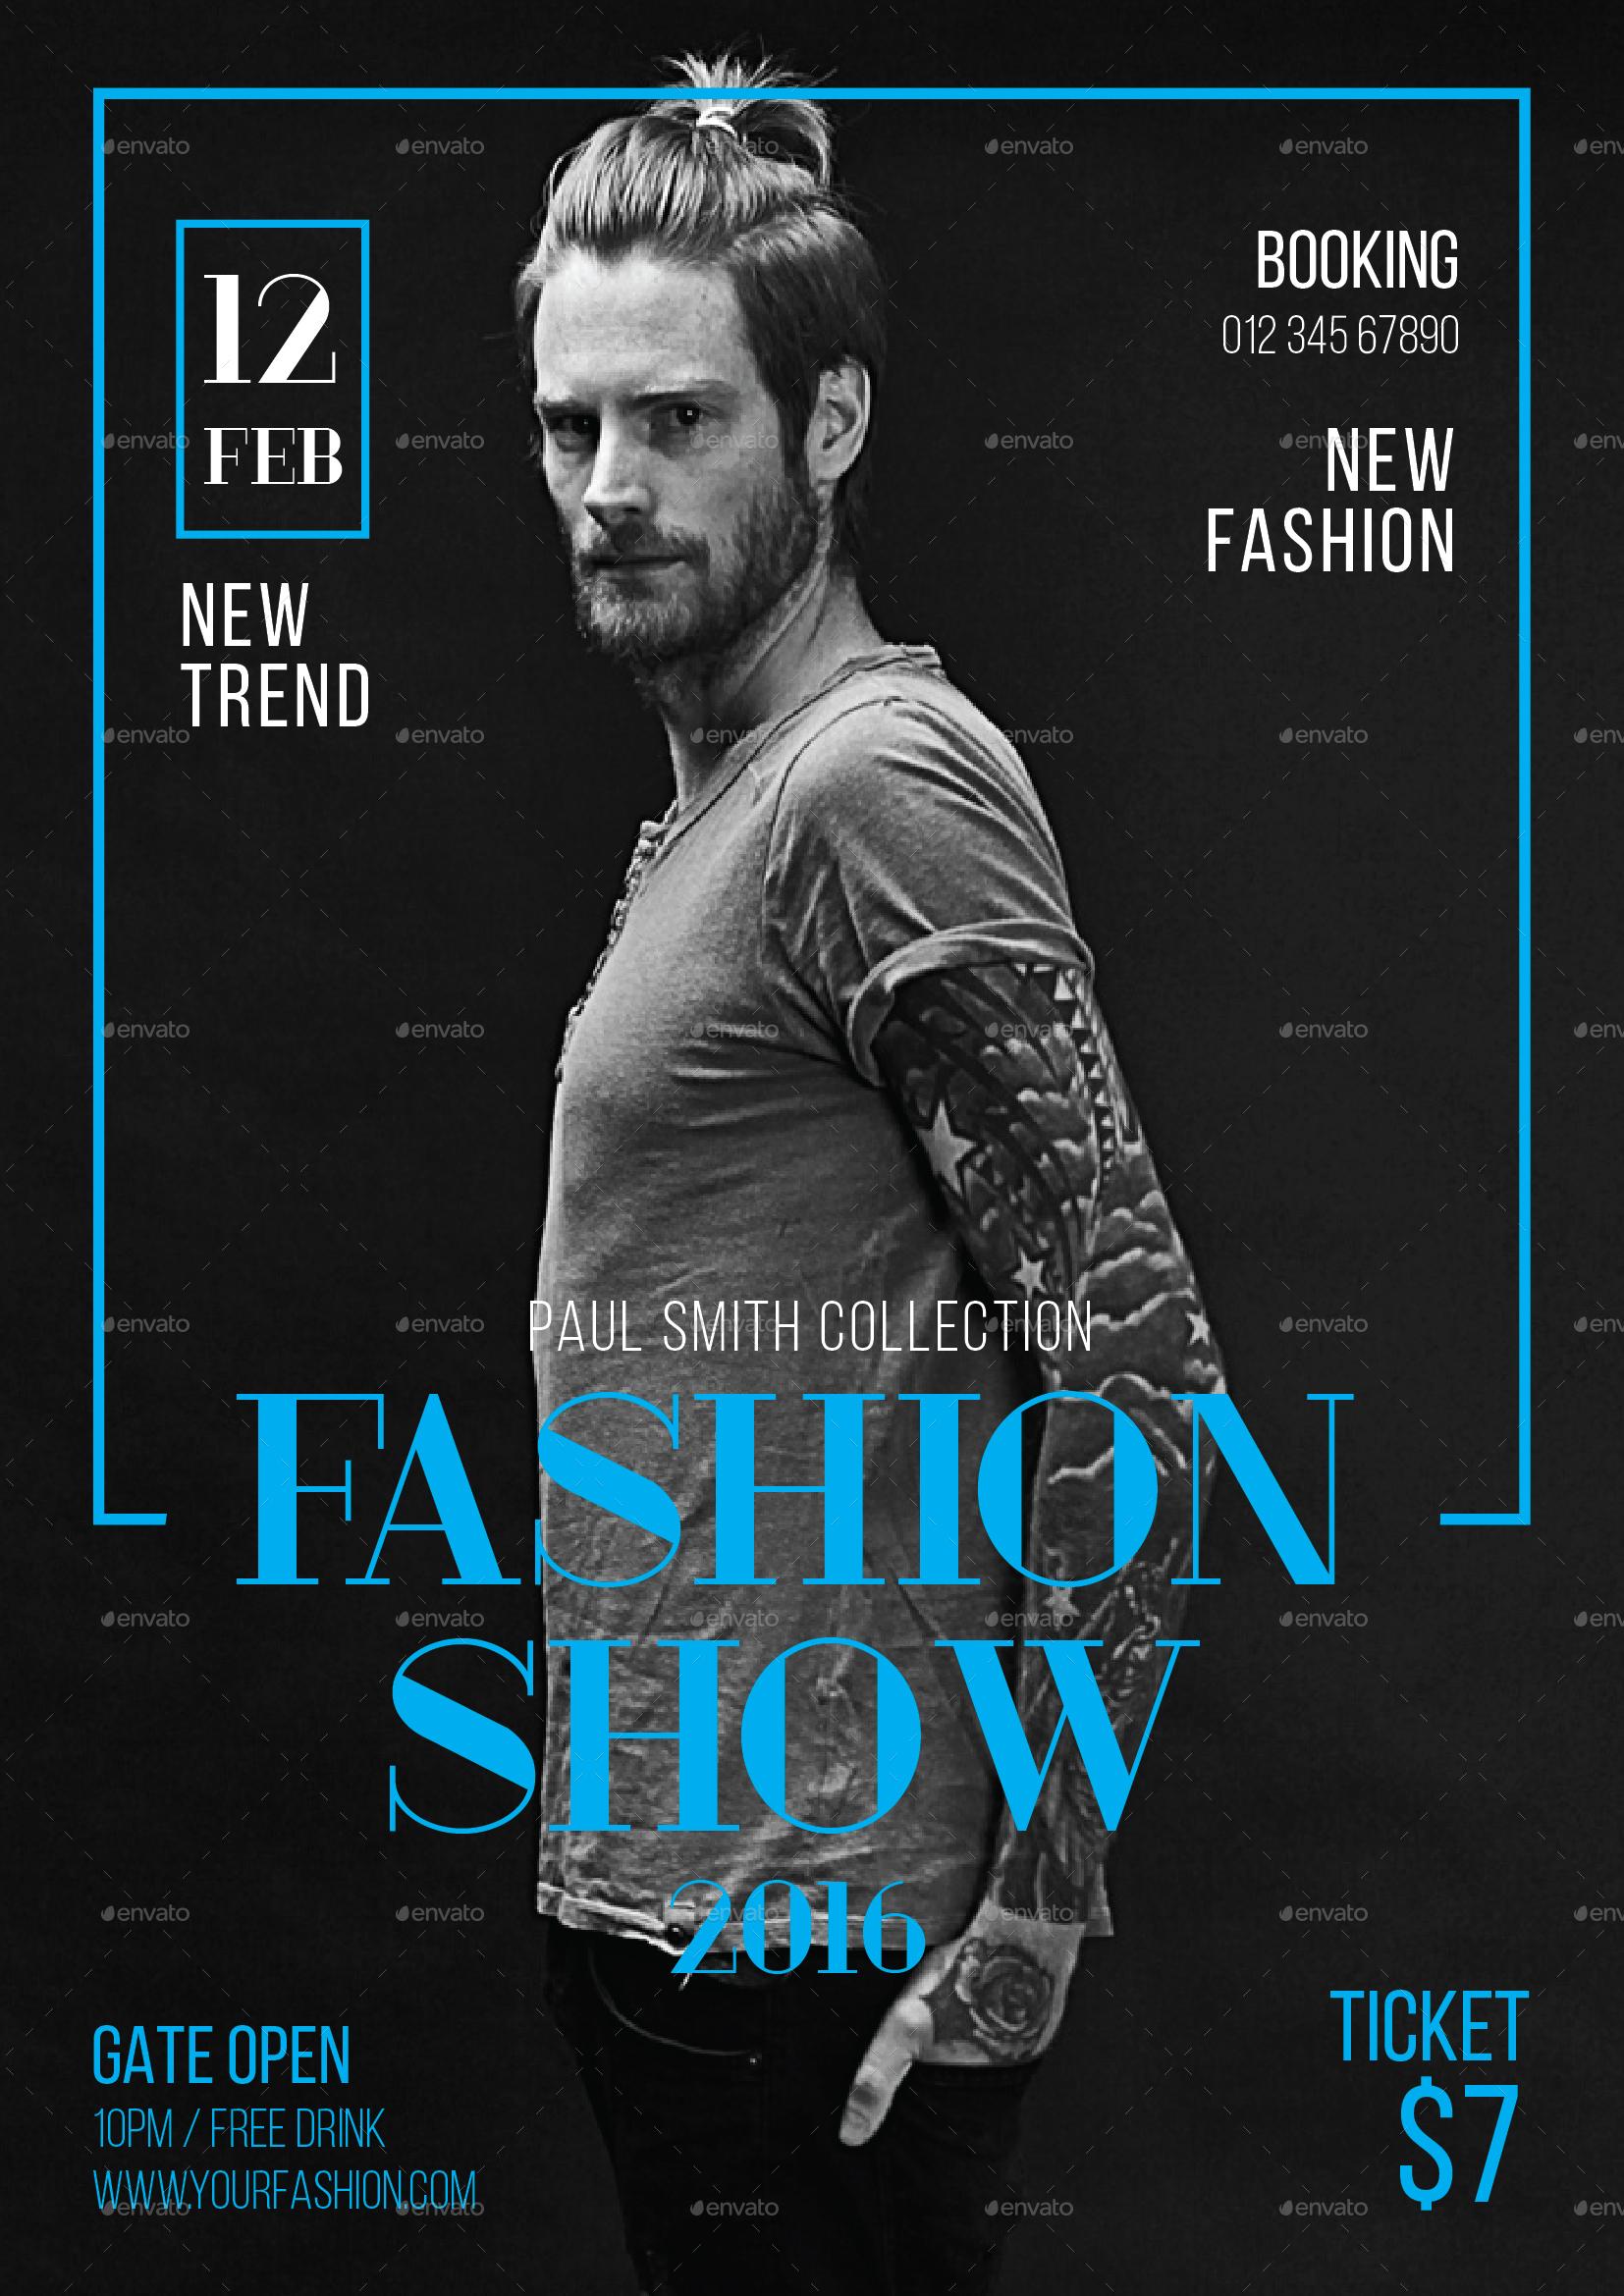 Fashion Show Flyer by tokosatsu | GraphicRiver